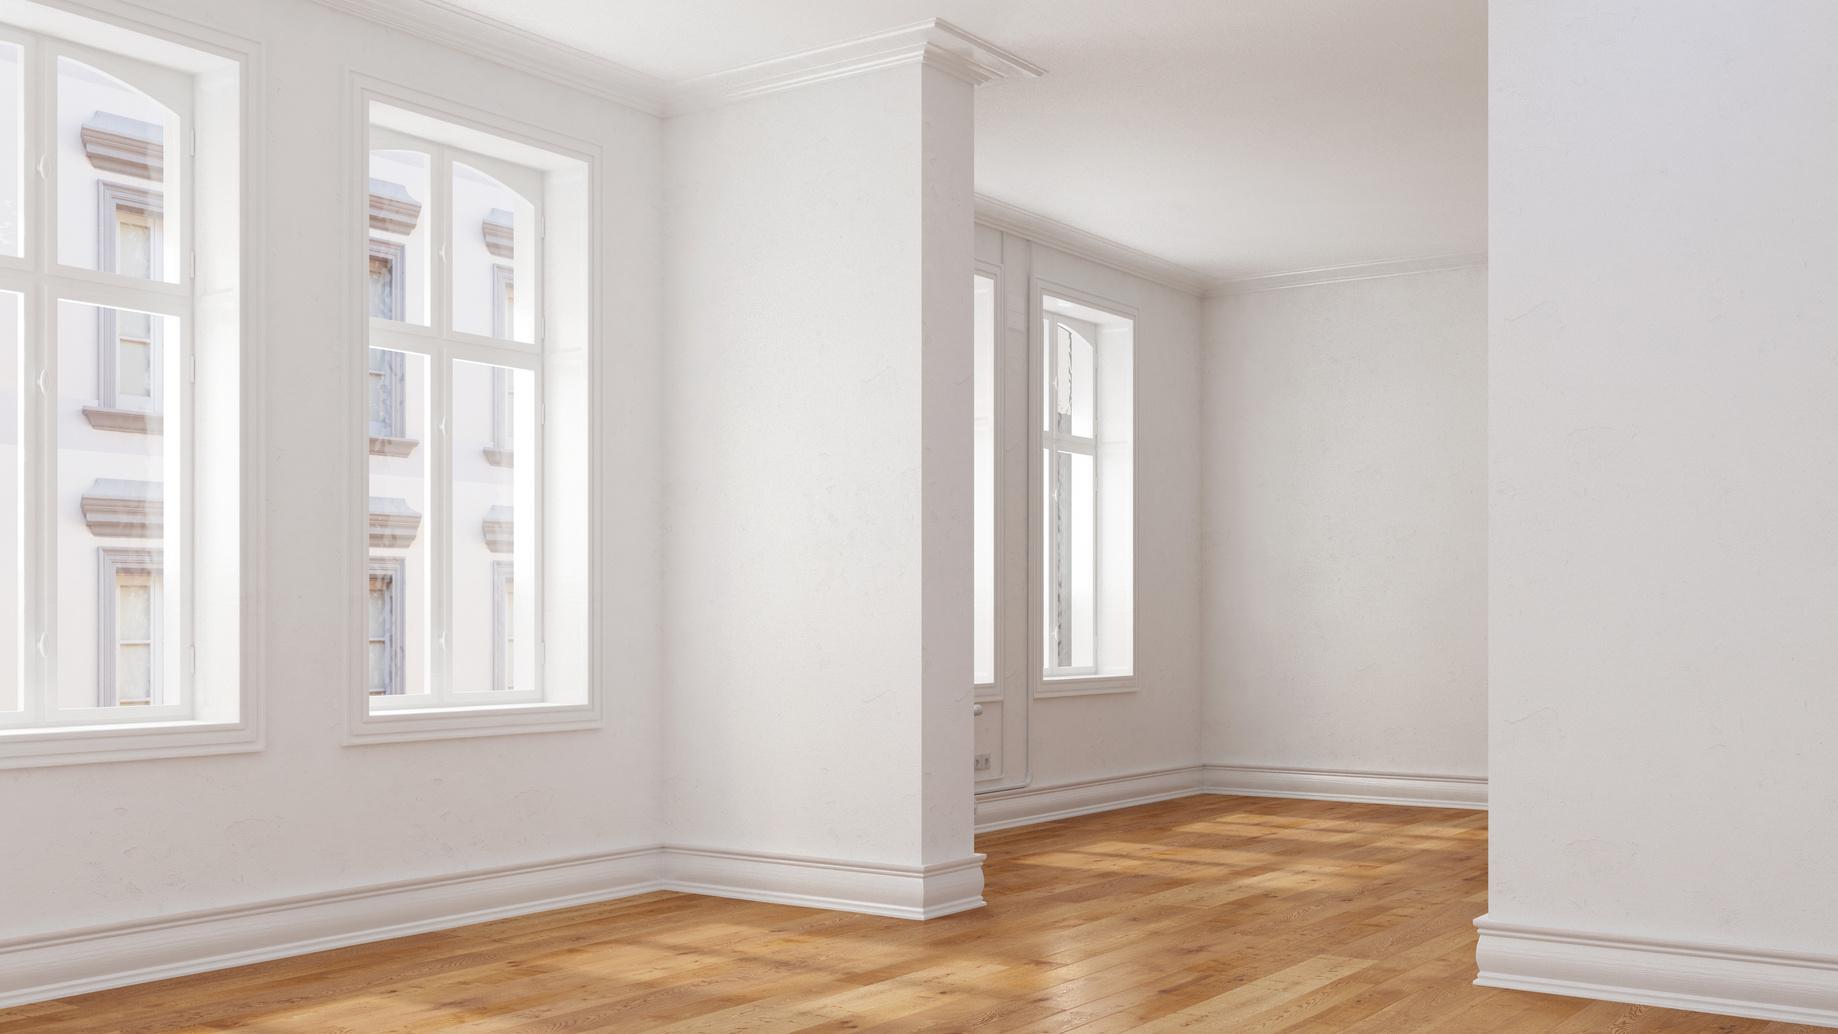 doppelte haushaltsf hrung aufwendungen von der steuer absetzen familienheimfahrten als. Black Bedroom Furniture Sets. Home Design Ideas